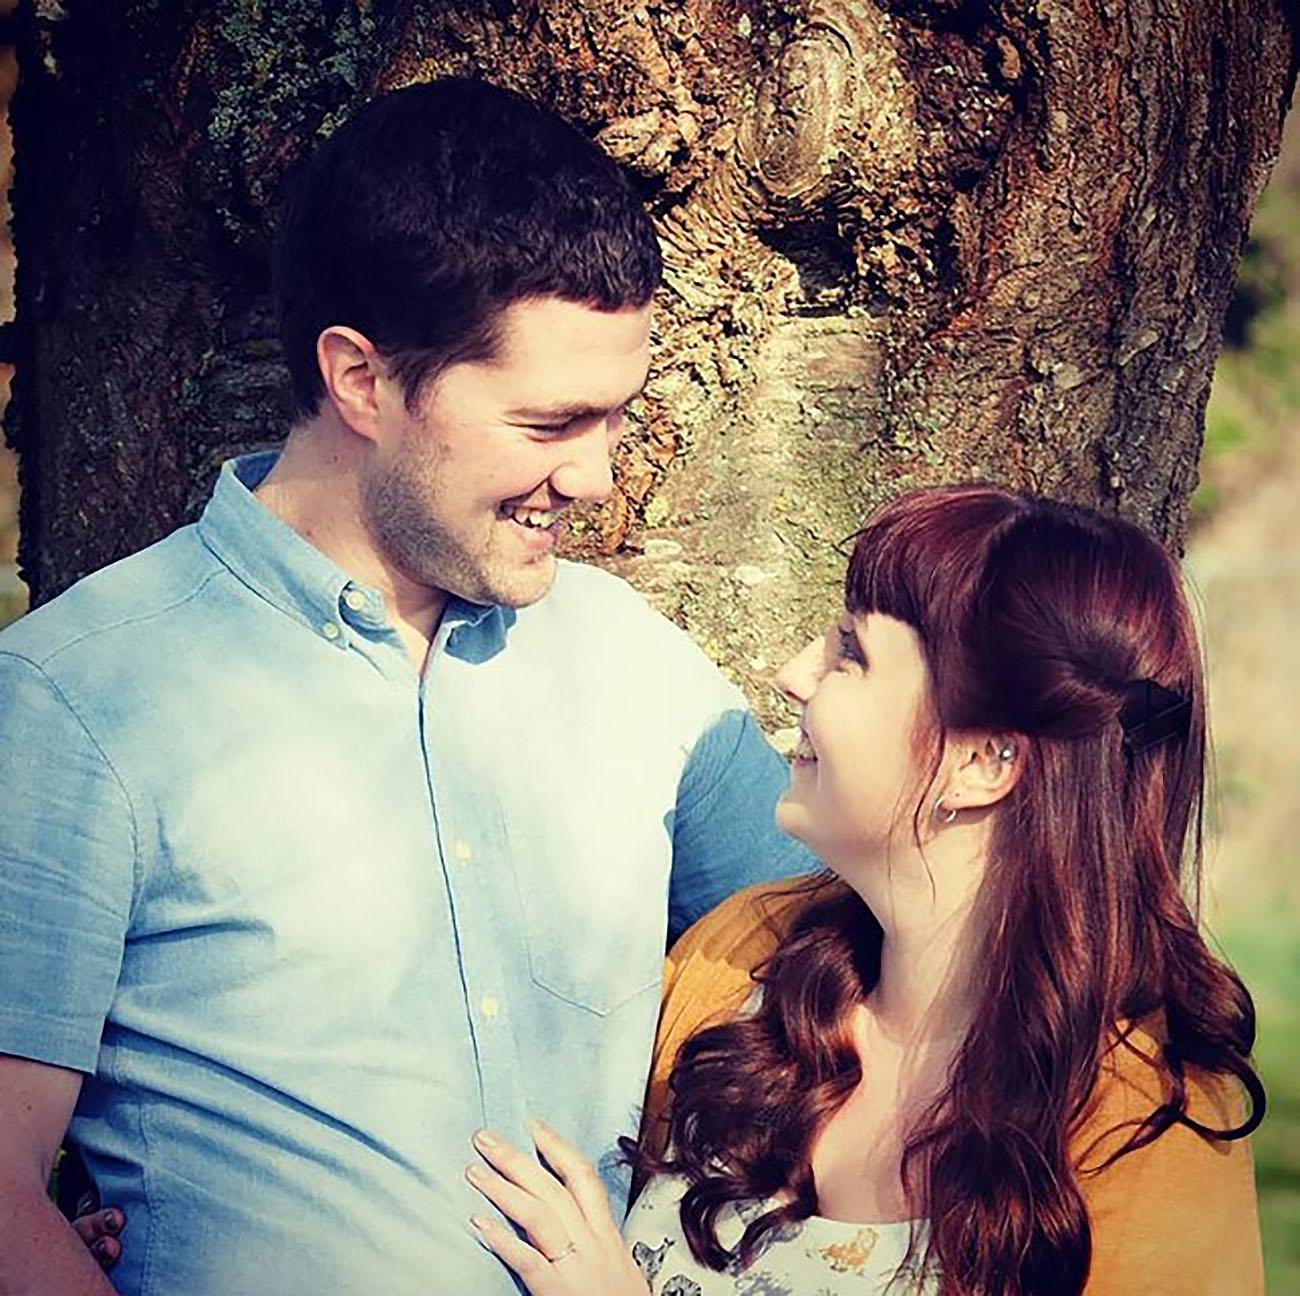 The engagement of Thomas & Bethany